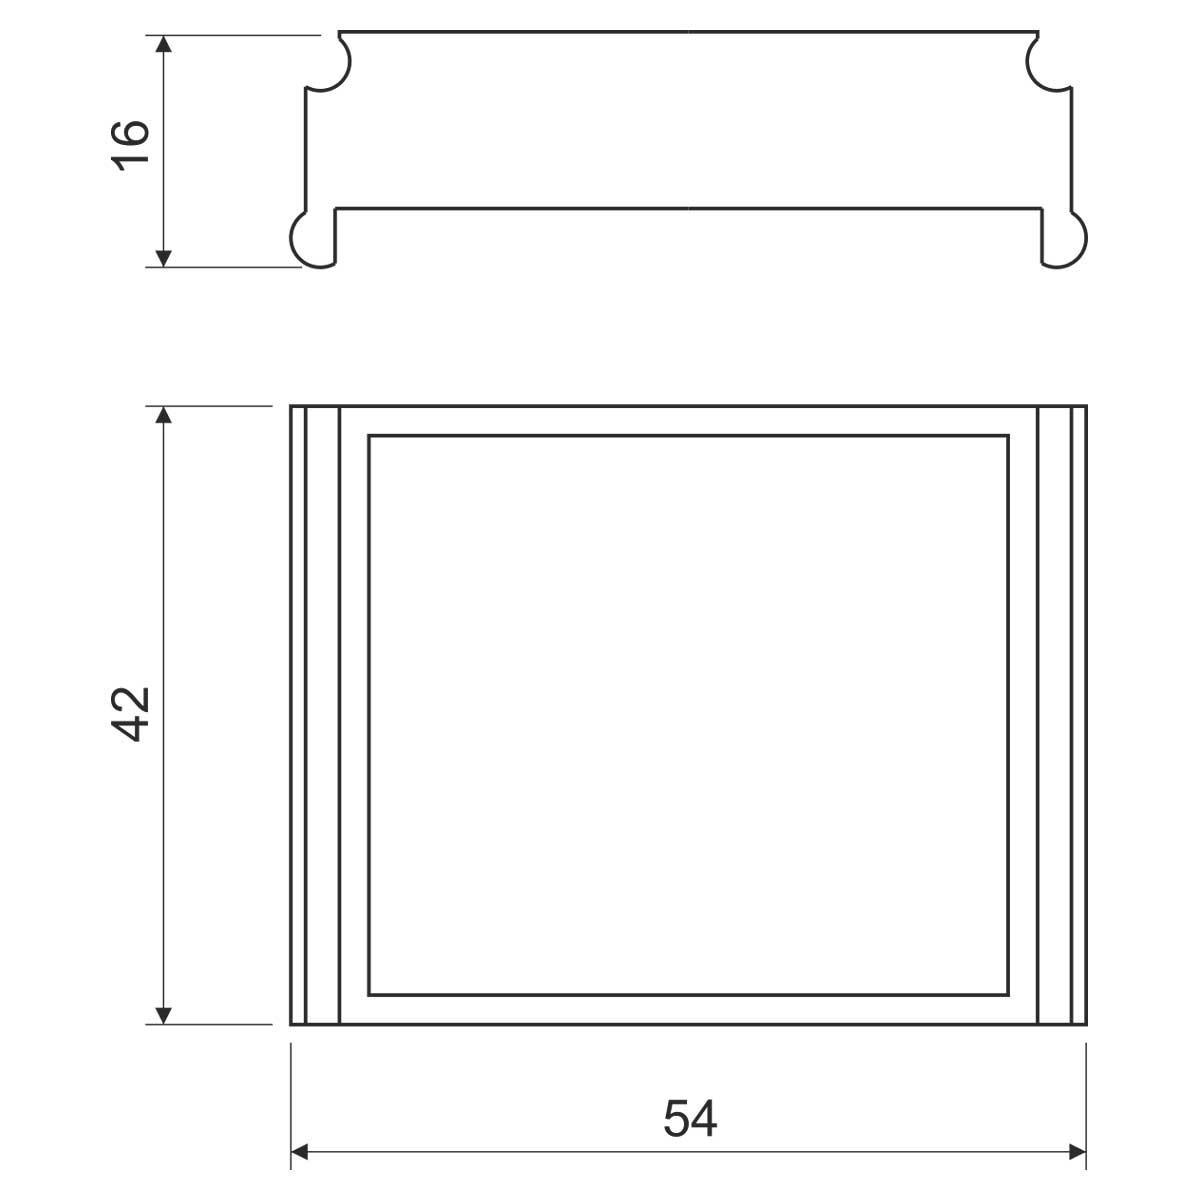 Дистанційна розпірка до коробки KP 67х67; розміри 54х42х16мм; ПВХ